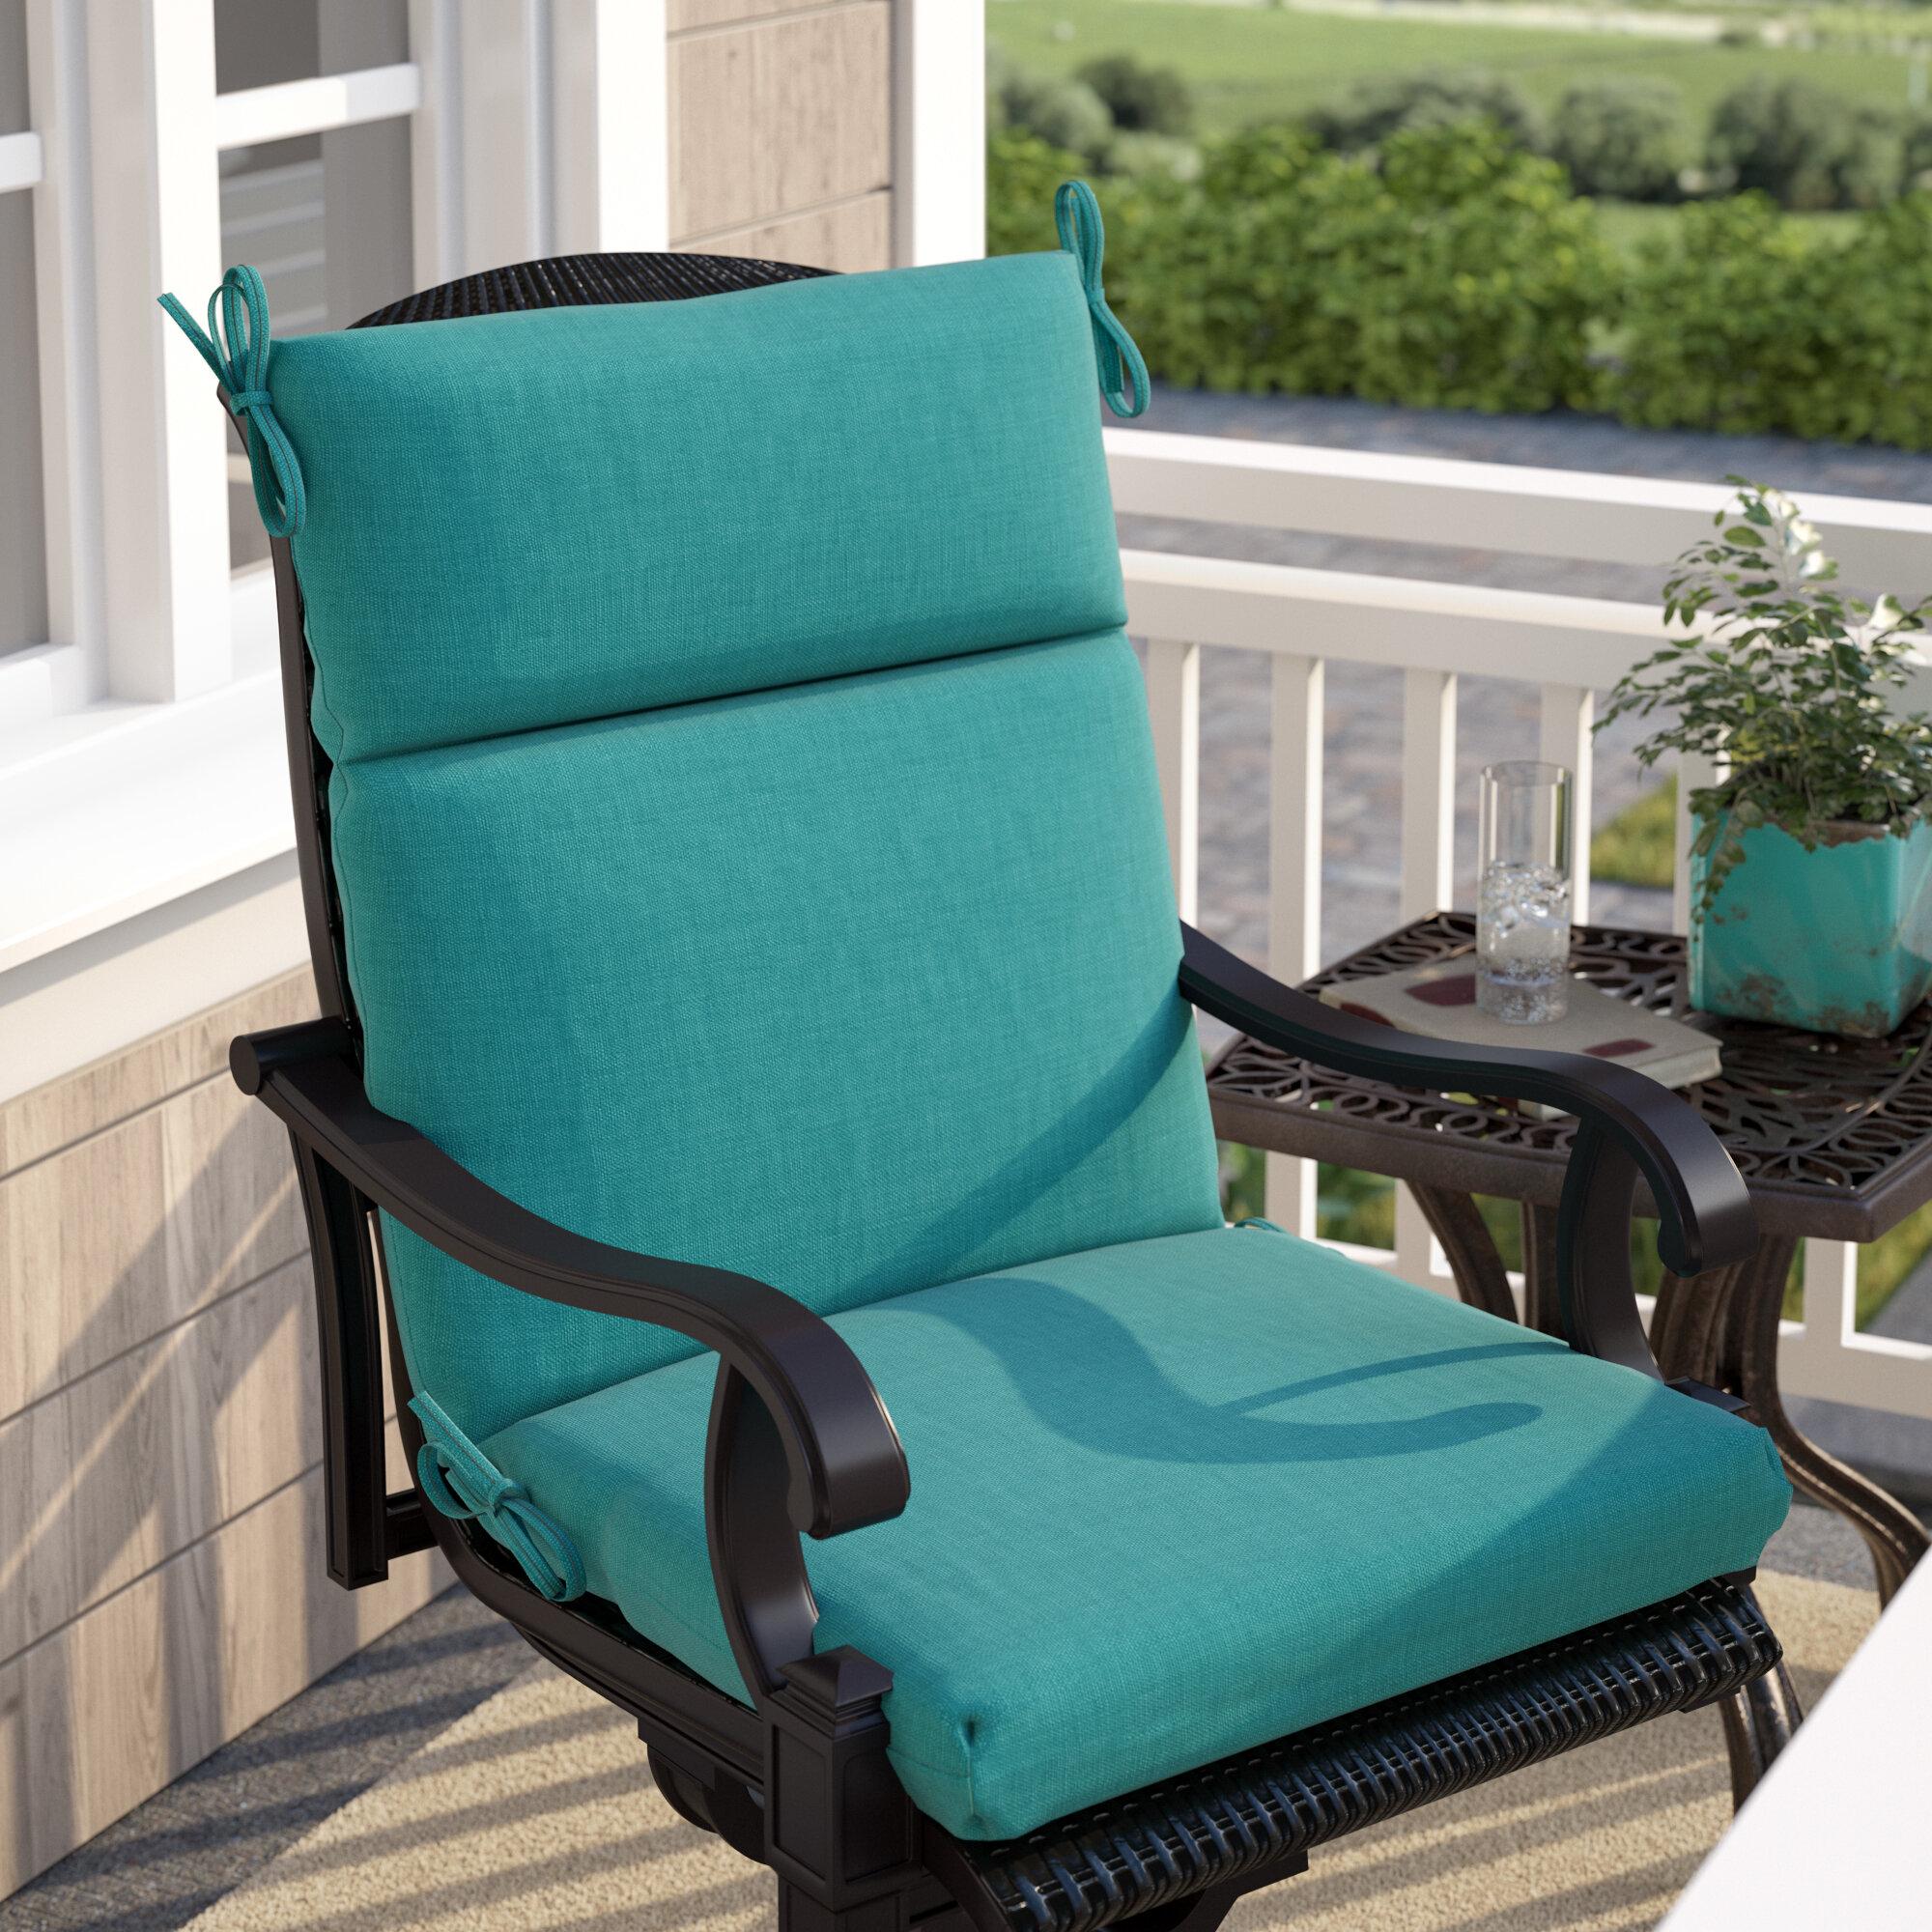 Lounge Chair Patio Furniture Cushions High Back Patio Chair Cushions You Ll Love In 2021 Wayfair